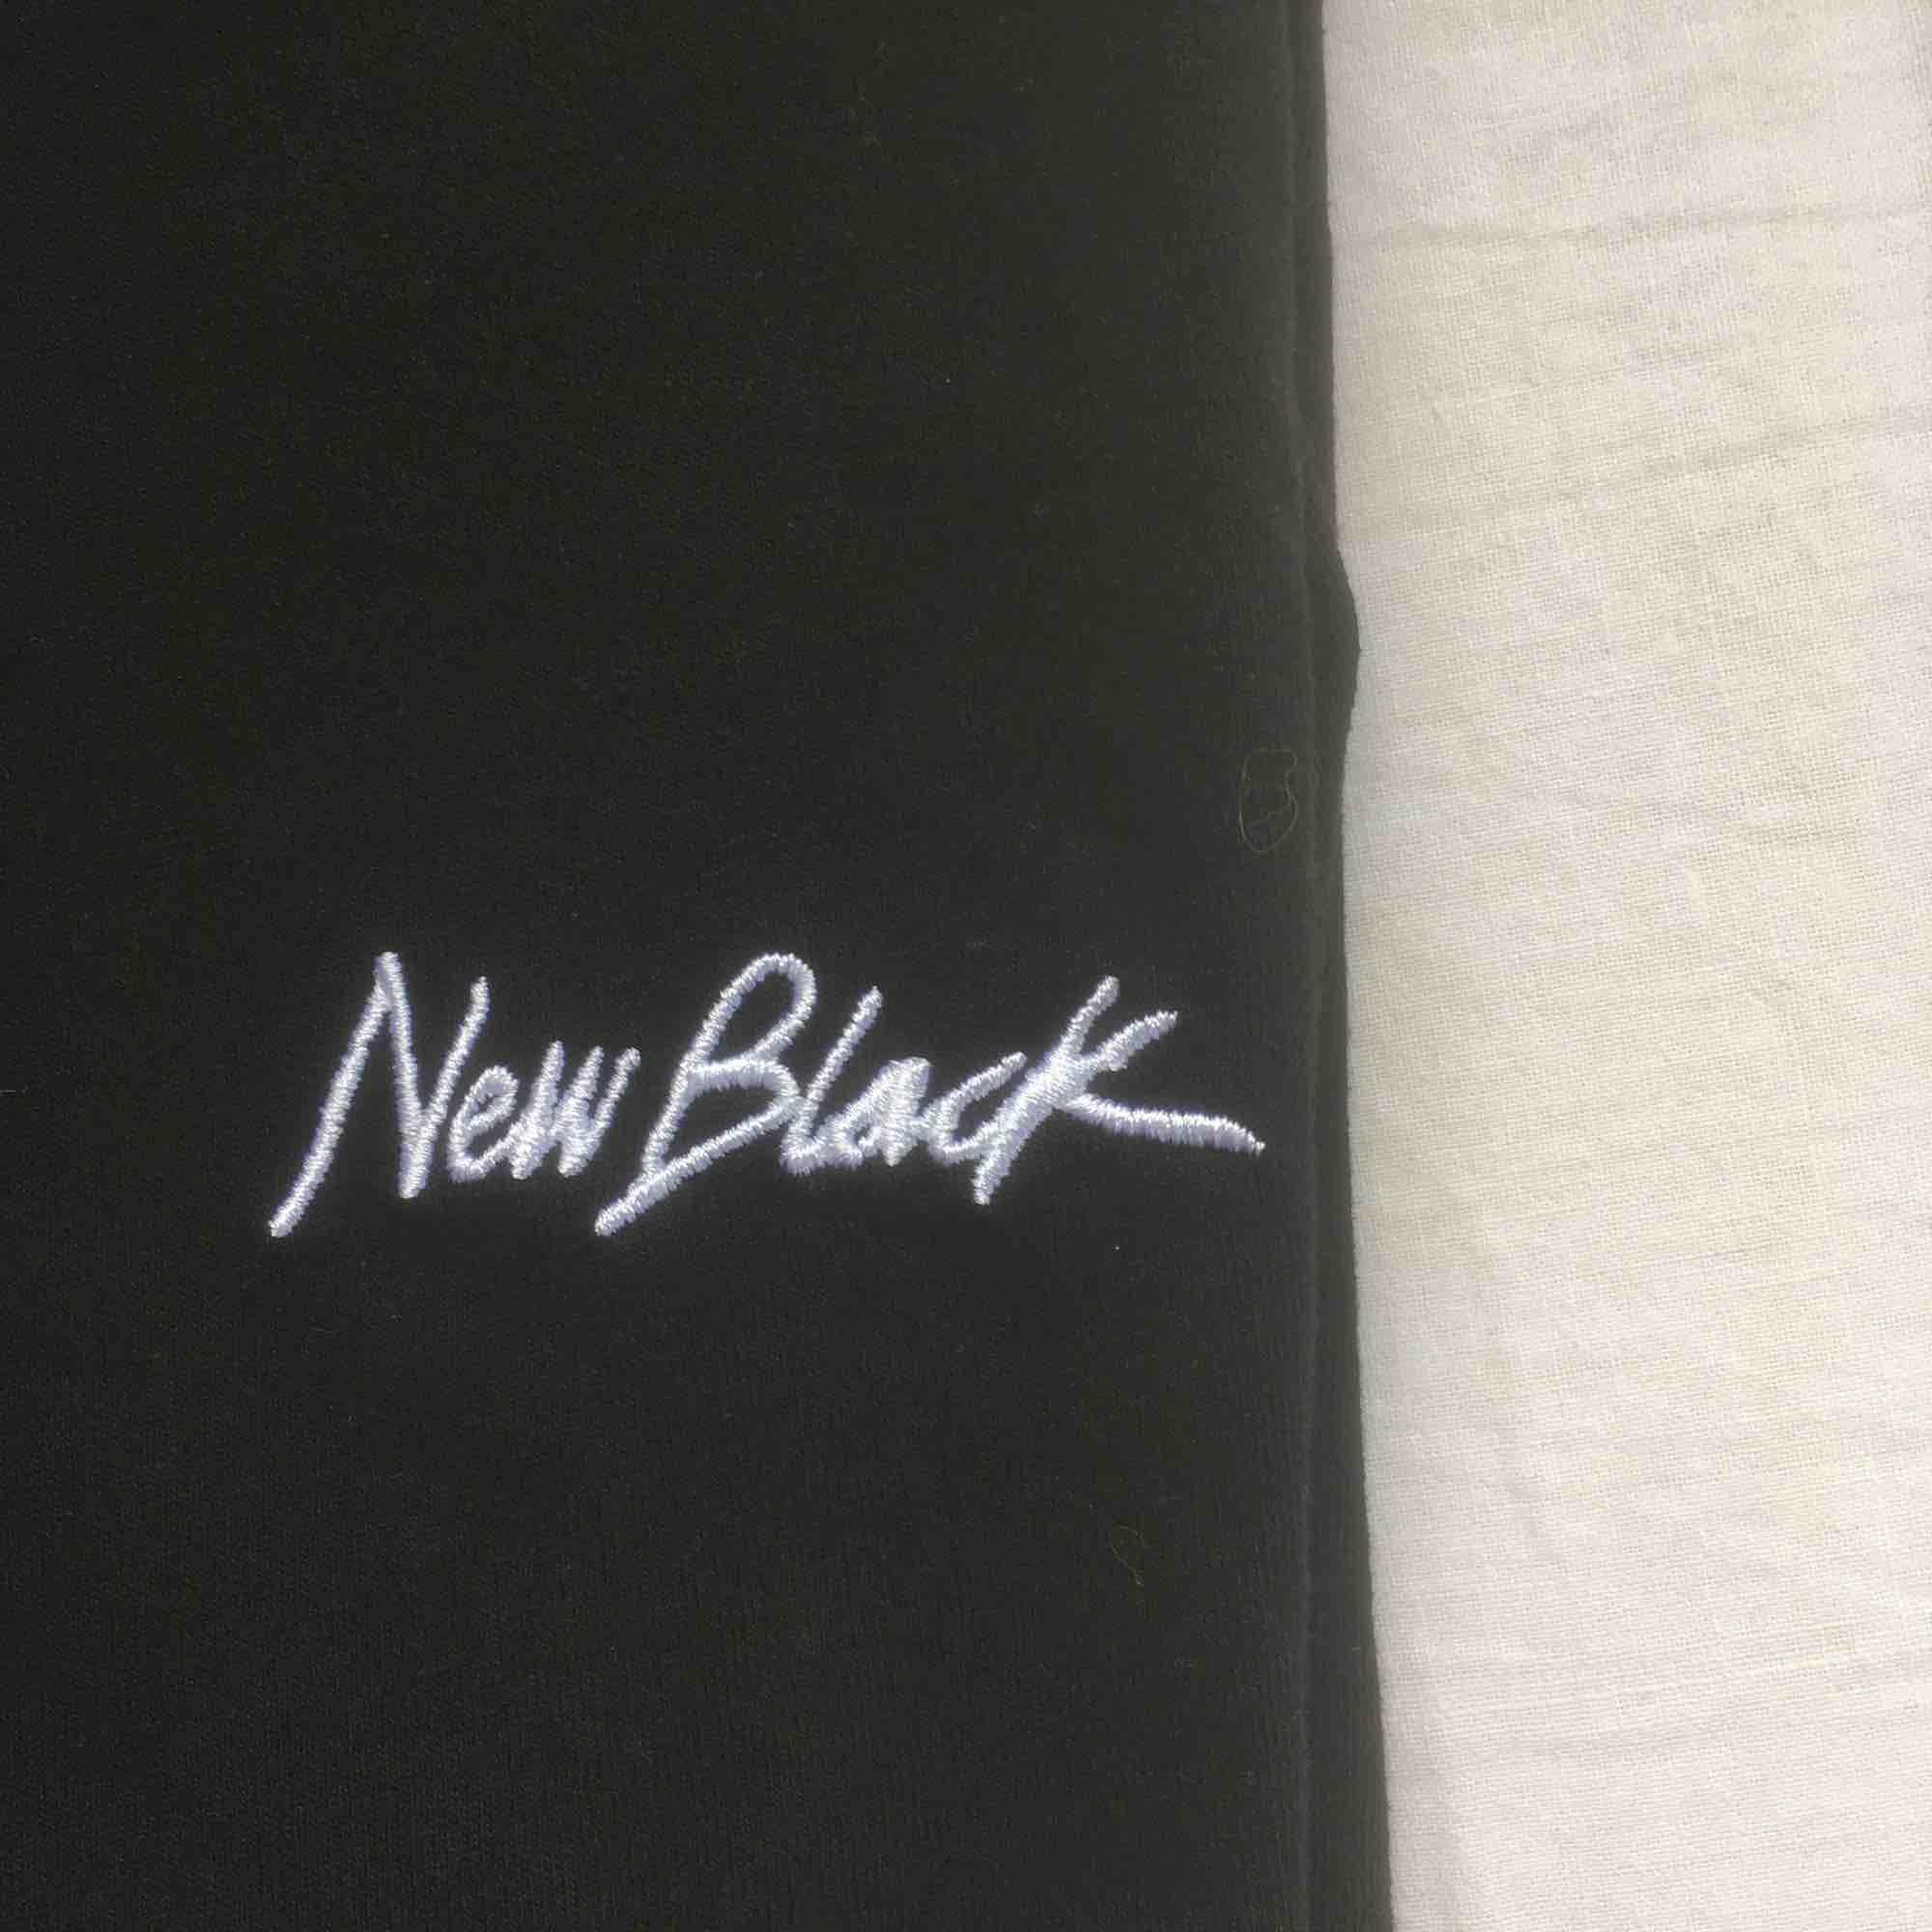 Snygg svart långärmad t-shirt från New Black. Storlek Small. Väldigt minimalt använd. Fri frakt.. T-shirts.